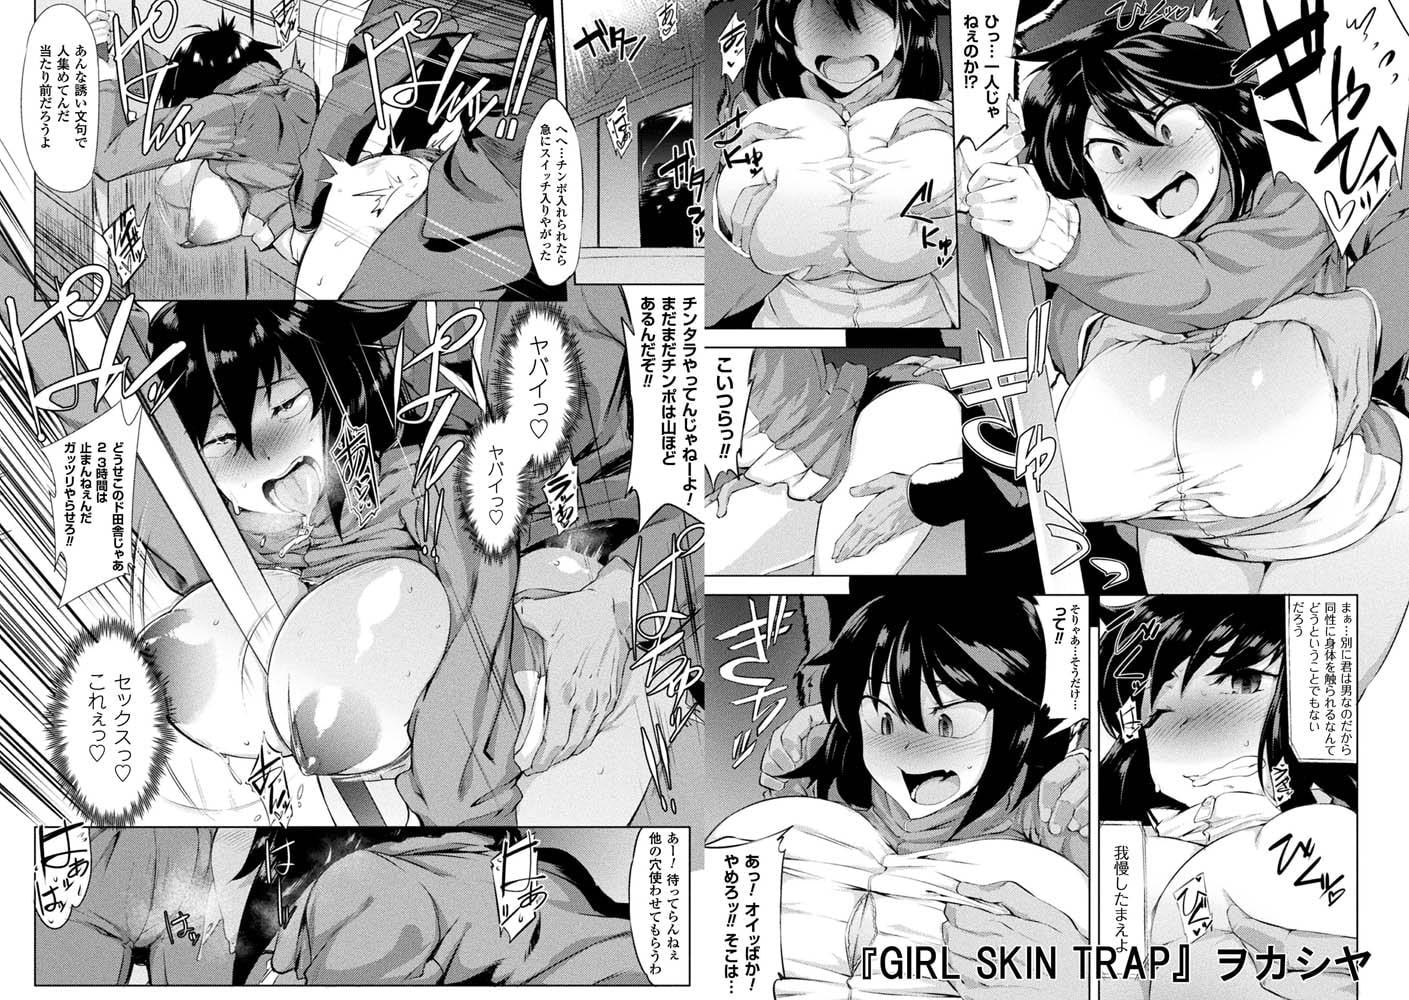 二次元コミックマガジン 性転換した俺が痴漢されてメスイキ絶頂! Vol.1~2パック